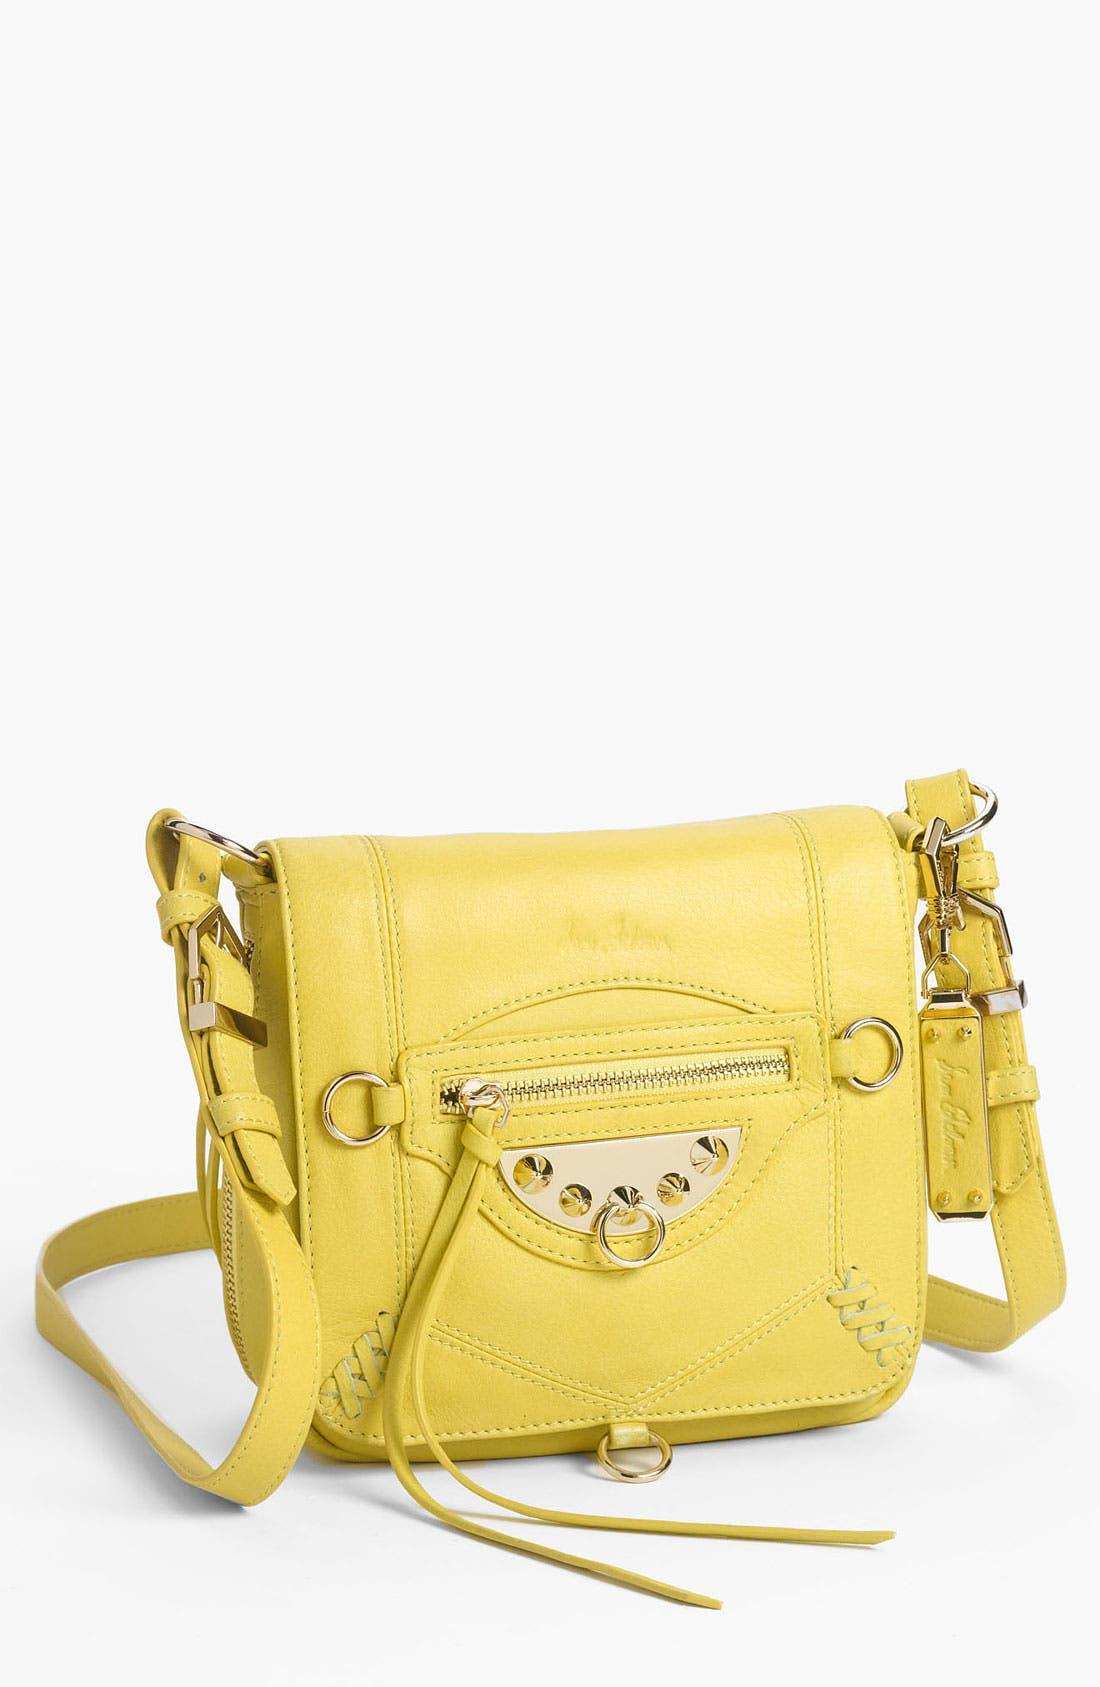 Main Image - Sam Edelman 'Marais Oriana' Crossbody Bag